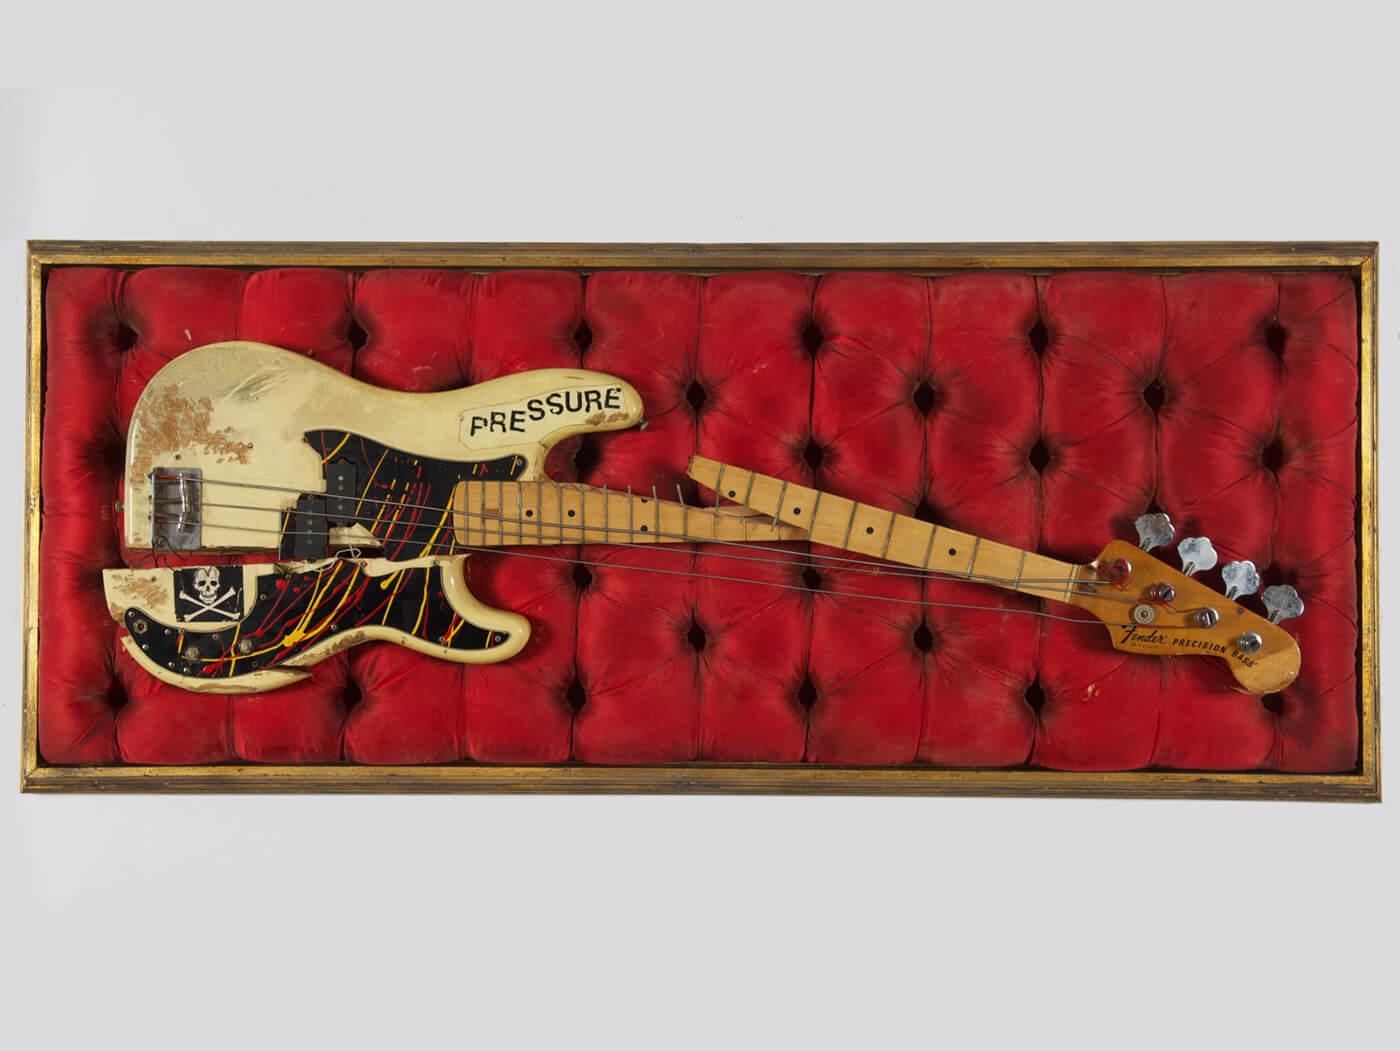 14 de dezembro de 1979 - 'London Calling'. Paul-simonon-smashed-p-bass@1400x1050